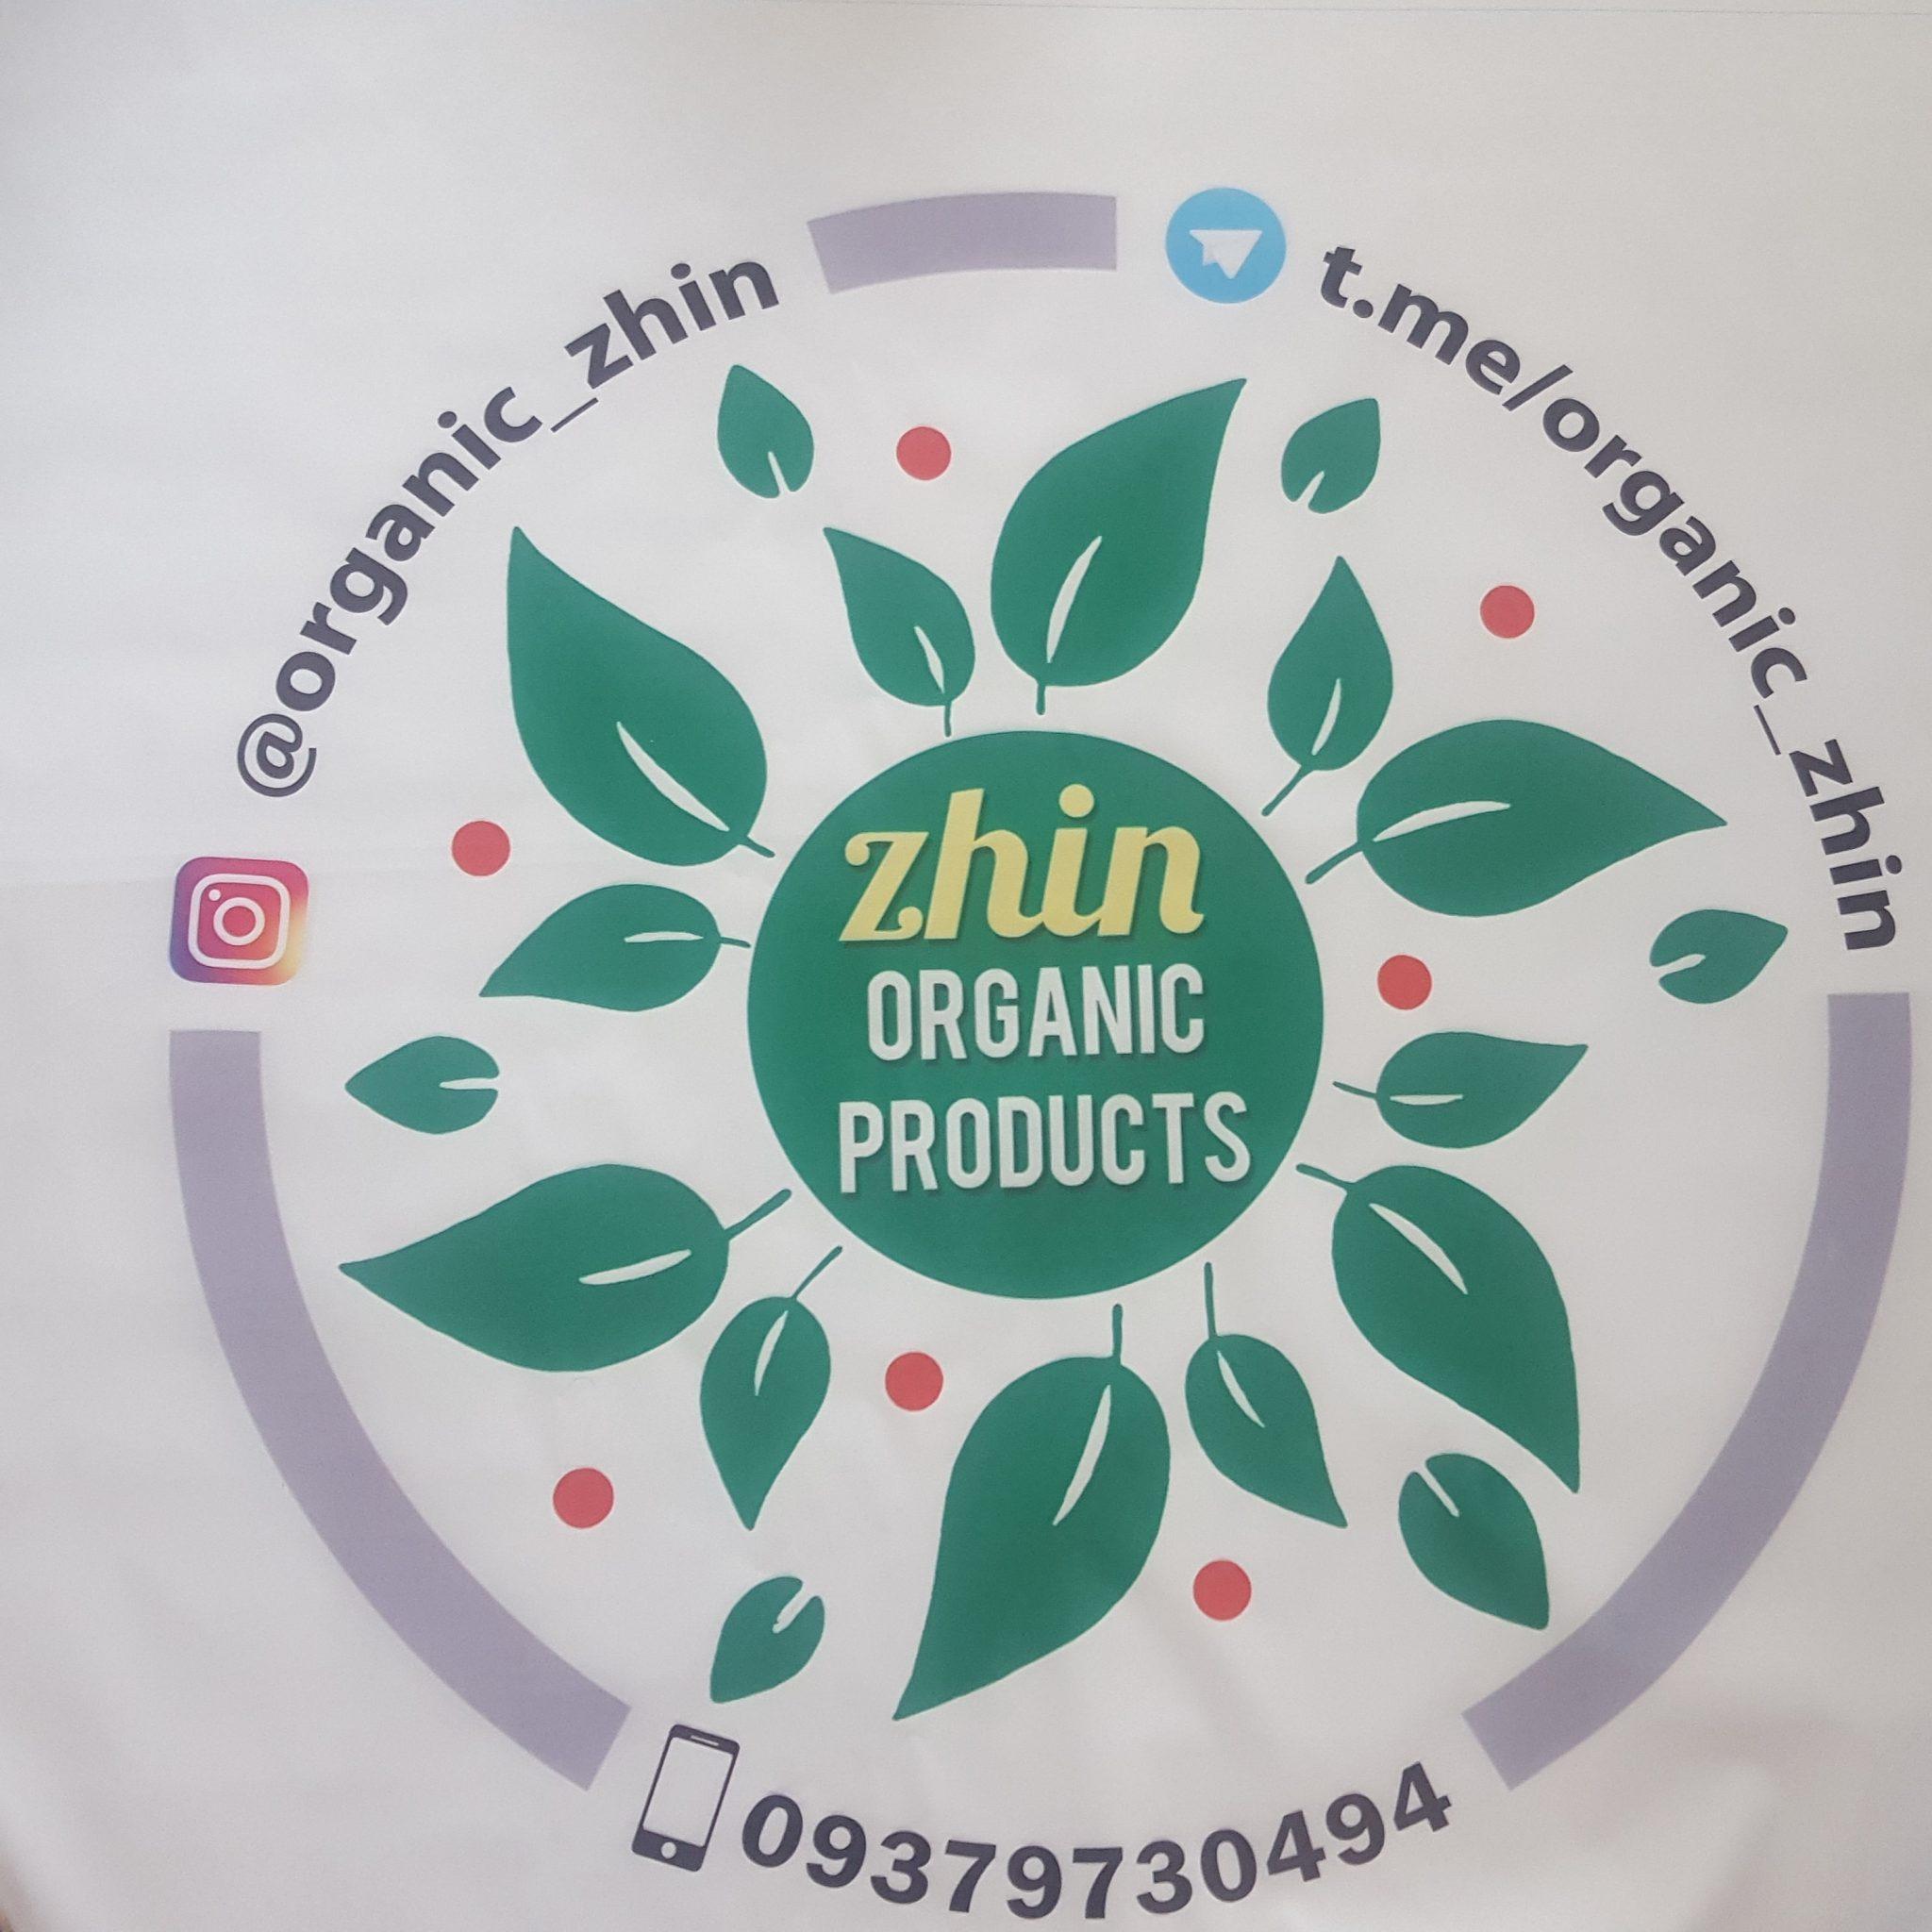 محصولات ارگانیک اورامانات اینستاگرام organic_zhinشماره تماس ۰۹۳۷۹۷۳۰۴۹۴